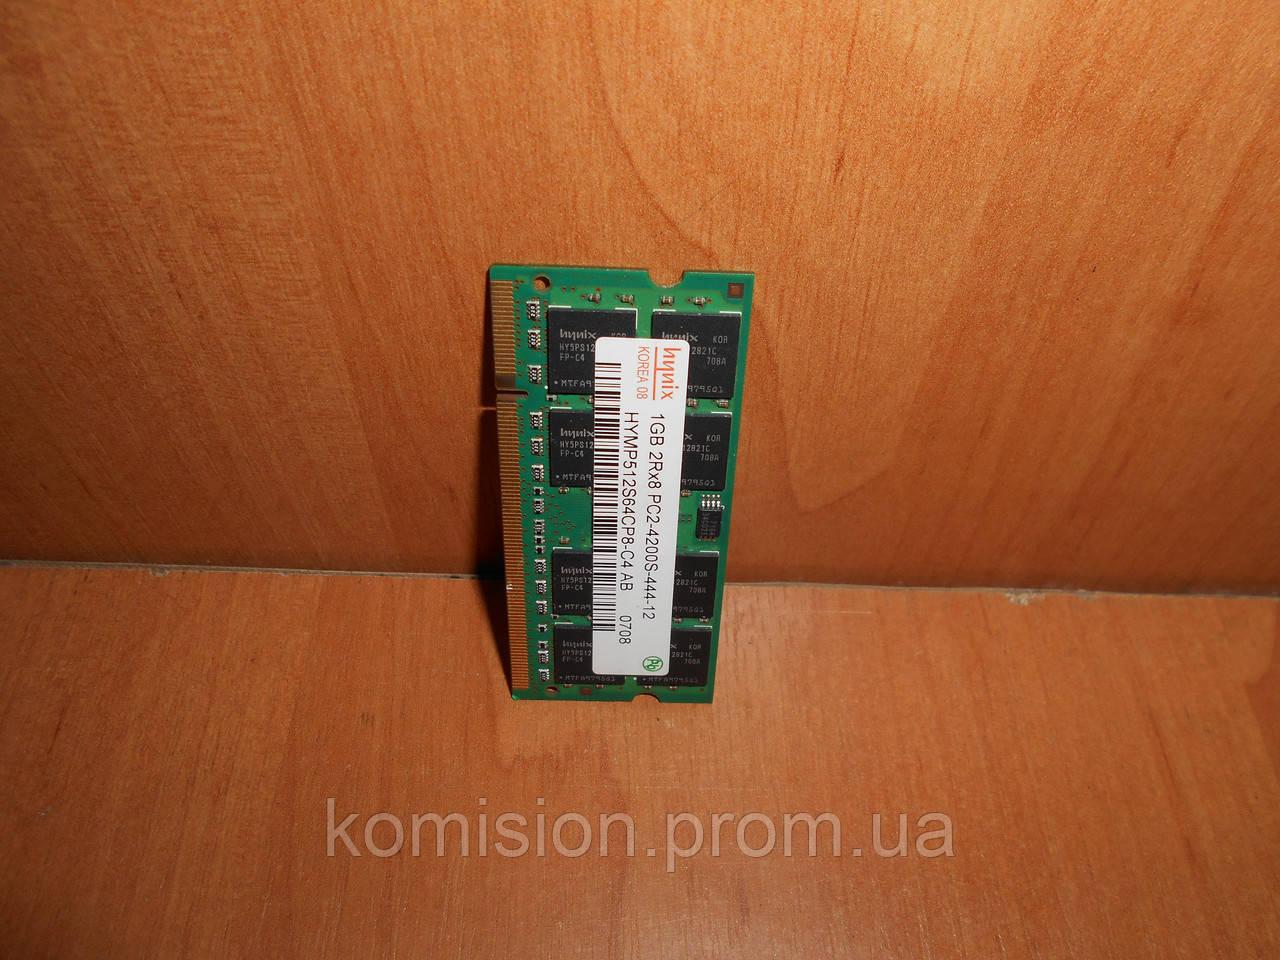 Модуль памяти Hynix 1 Gb DDR2 для ноутбука